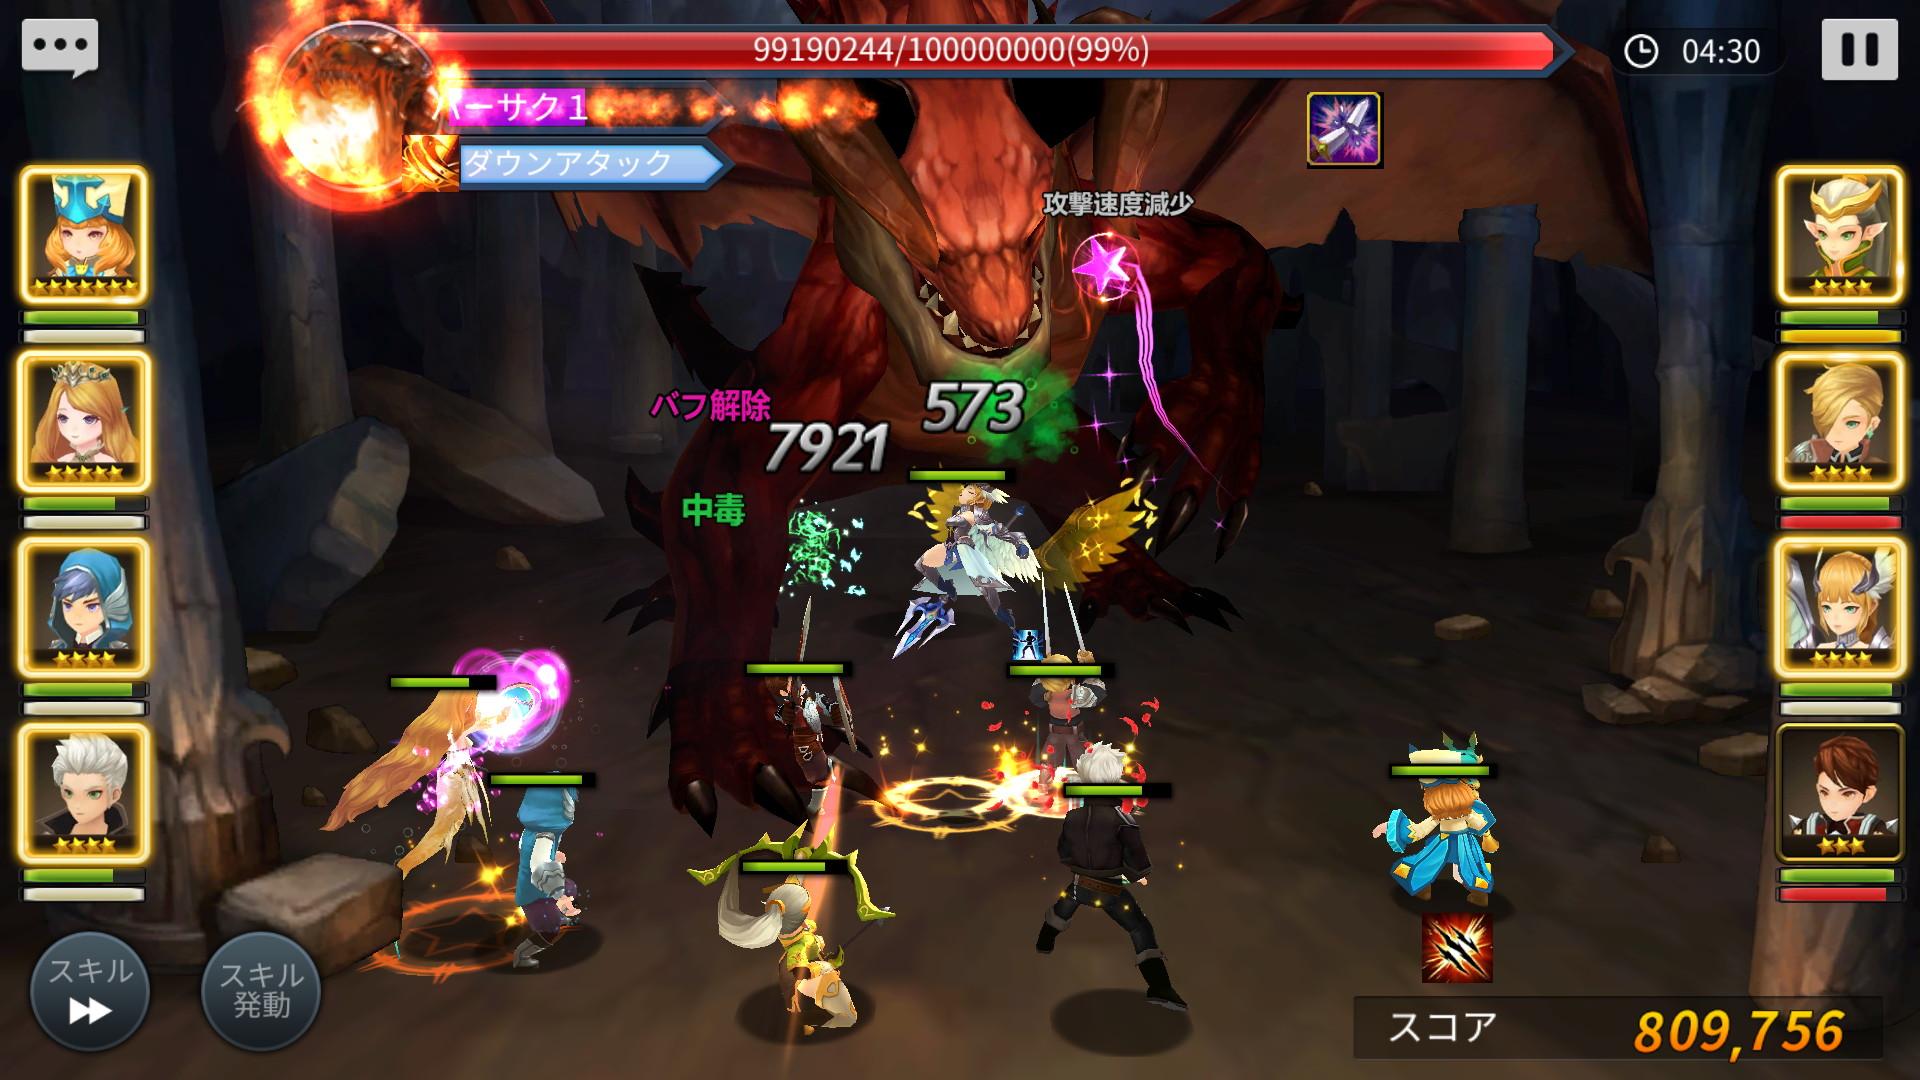 韓国で人気のリアルタイムバトルRPG『Wonder5 Masters』の日本配信が決定!